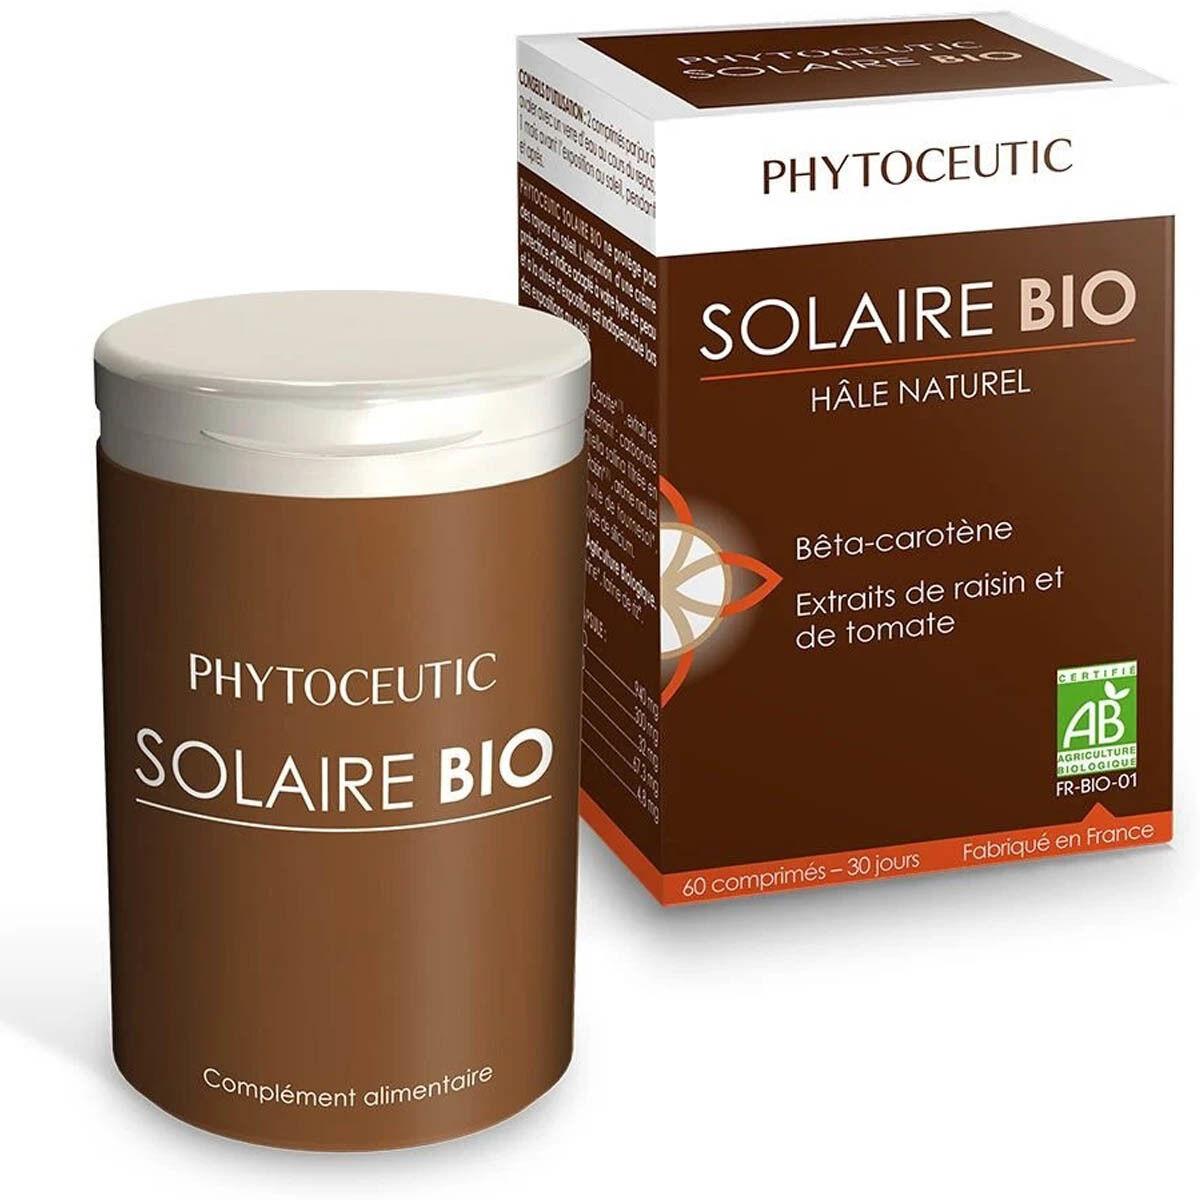 Phytoceutic solaire bio hale naturel 60 comprimes